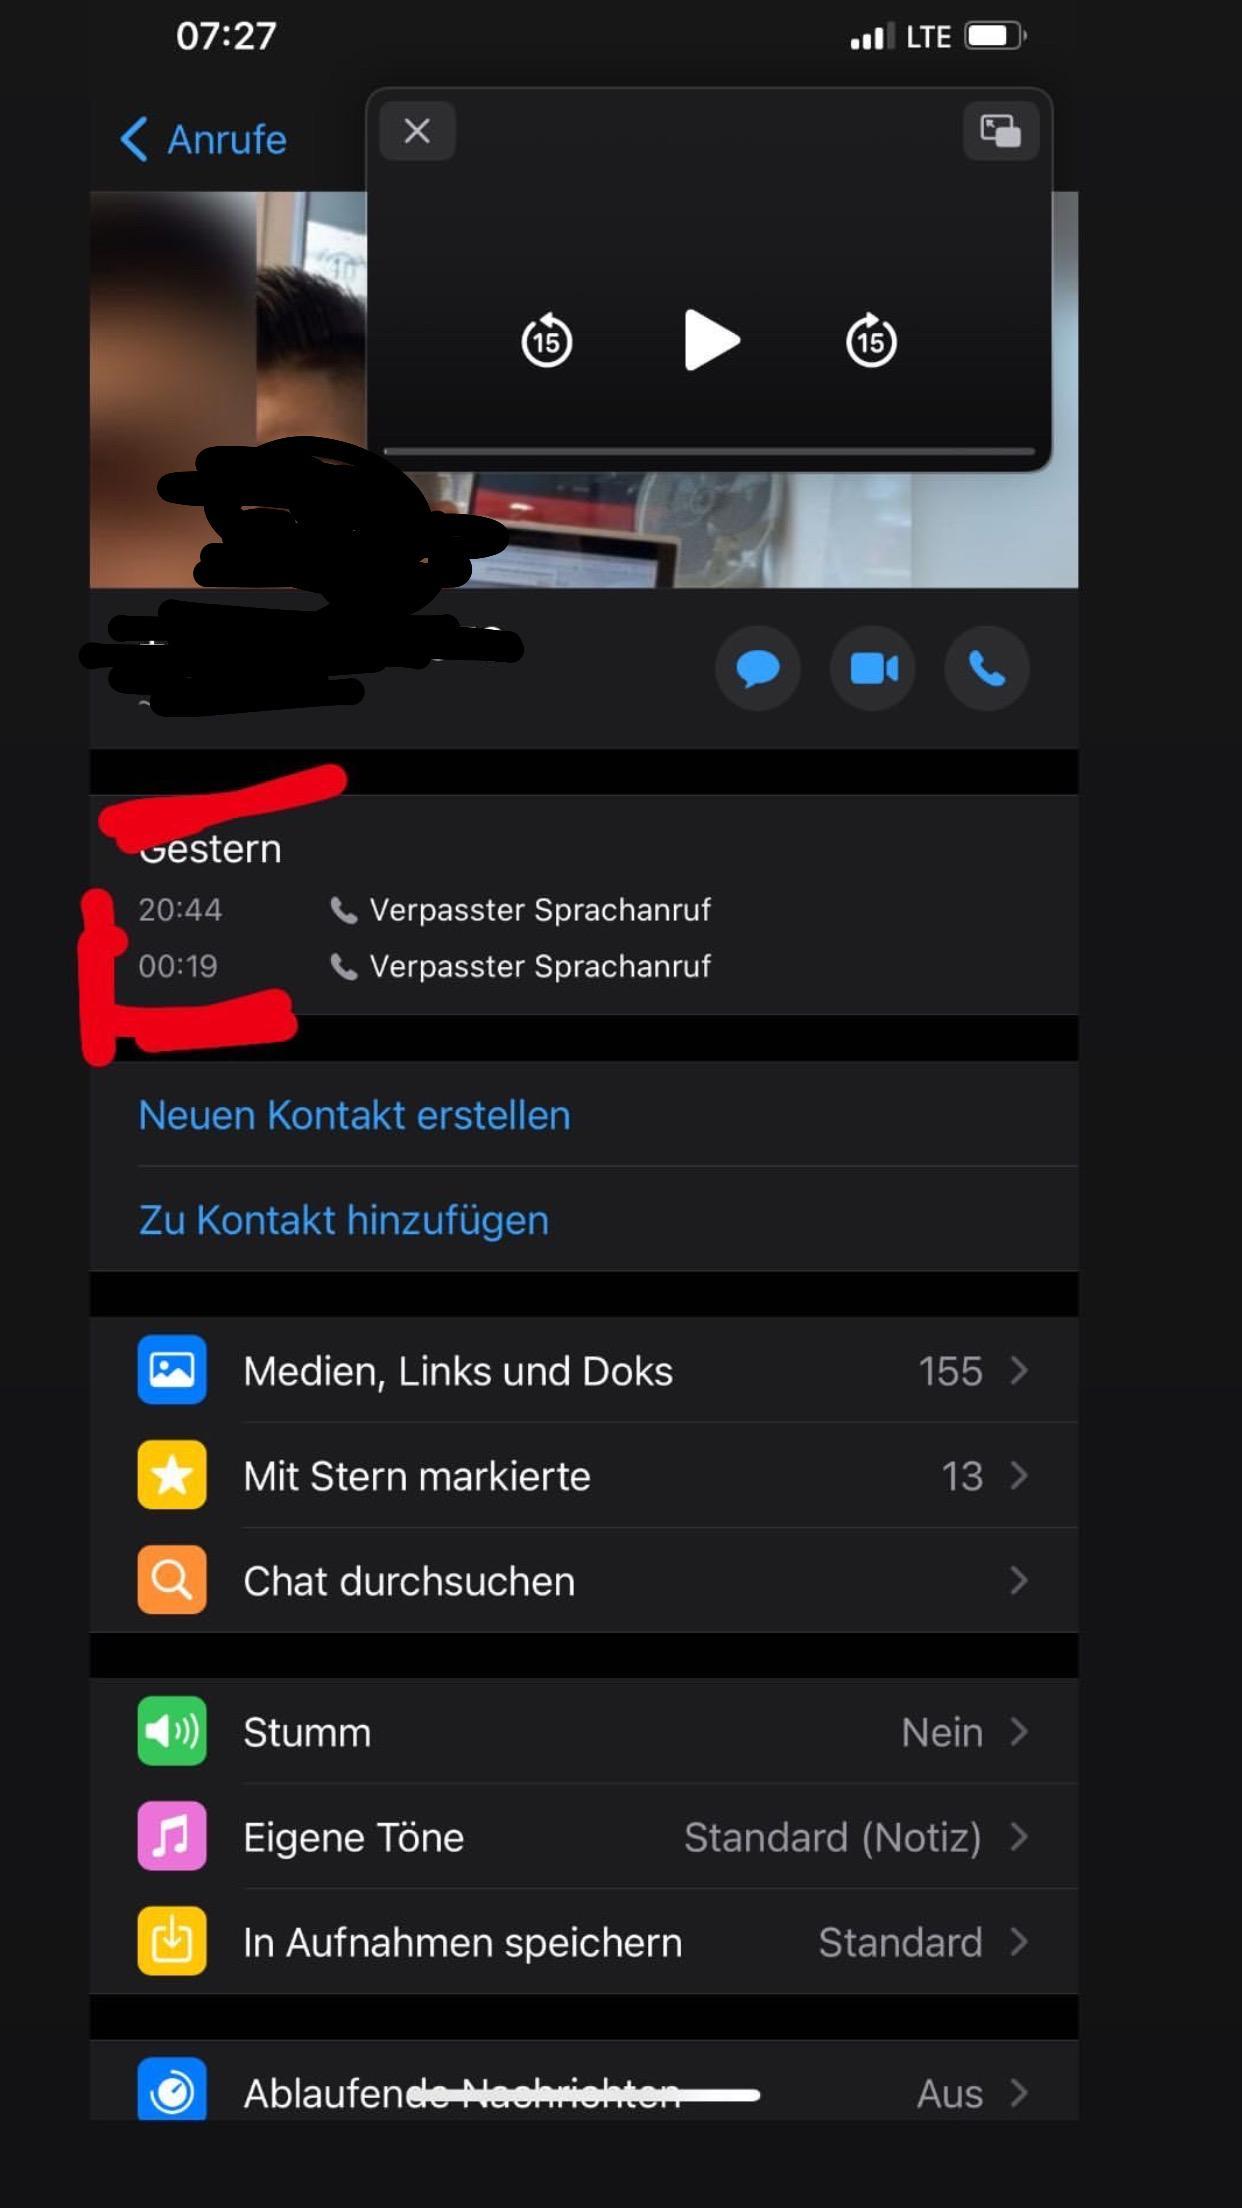 Warum Sehe Ich Kein Profilbild Bei Whatsapp